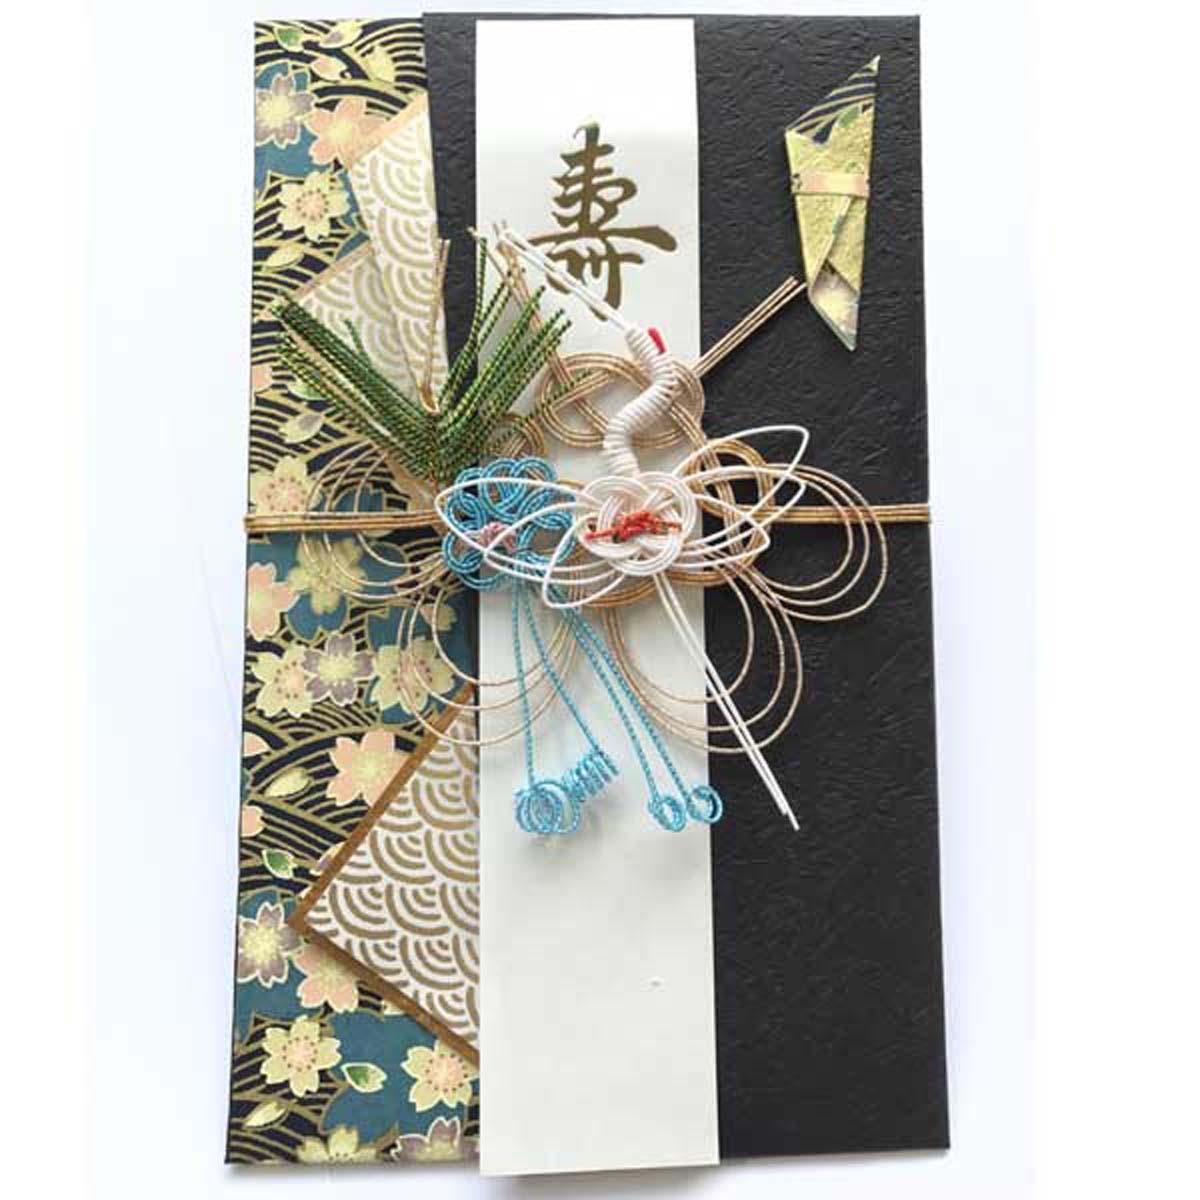 大判祝儀袋 寿金封黒 フロンティア デザイン 金封 御結婚御祝 のし袋 オシャレ